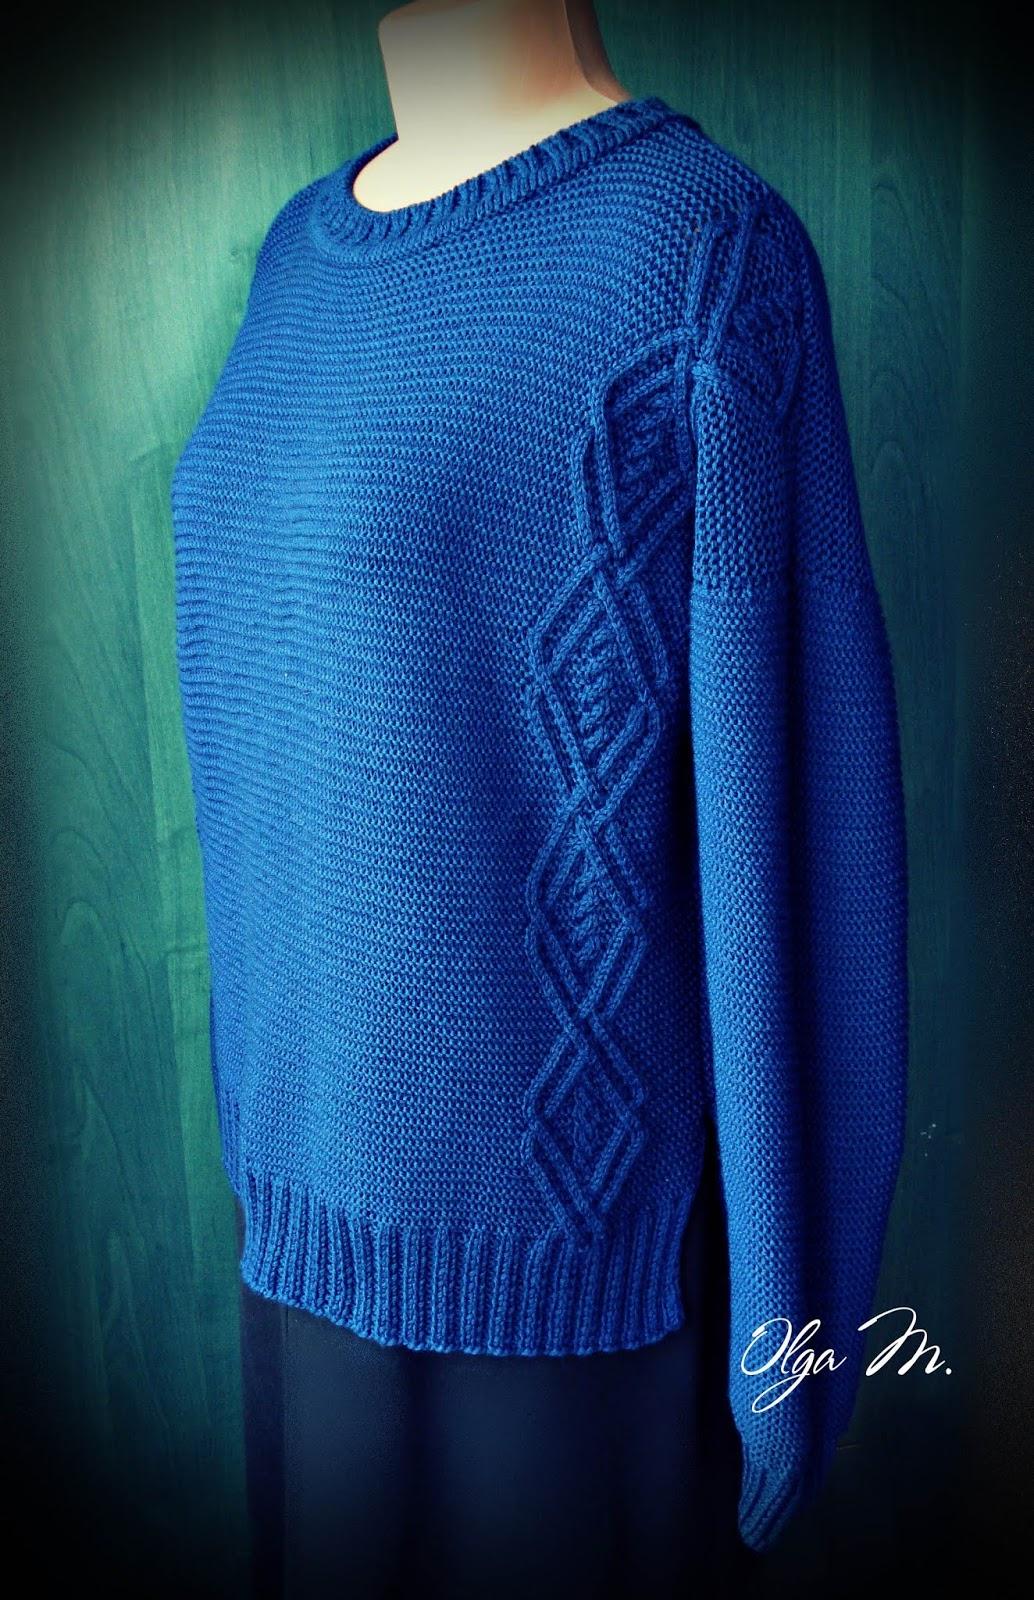 Женский свитер с удлиненной спинкой спицами - Пошивчик